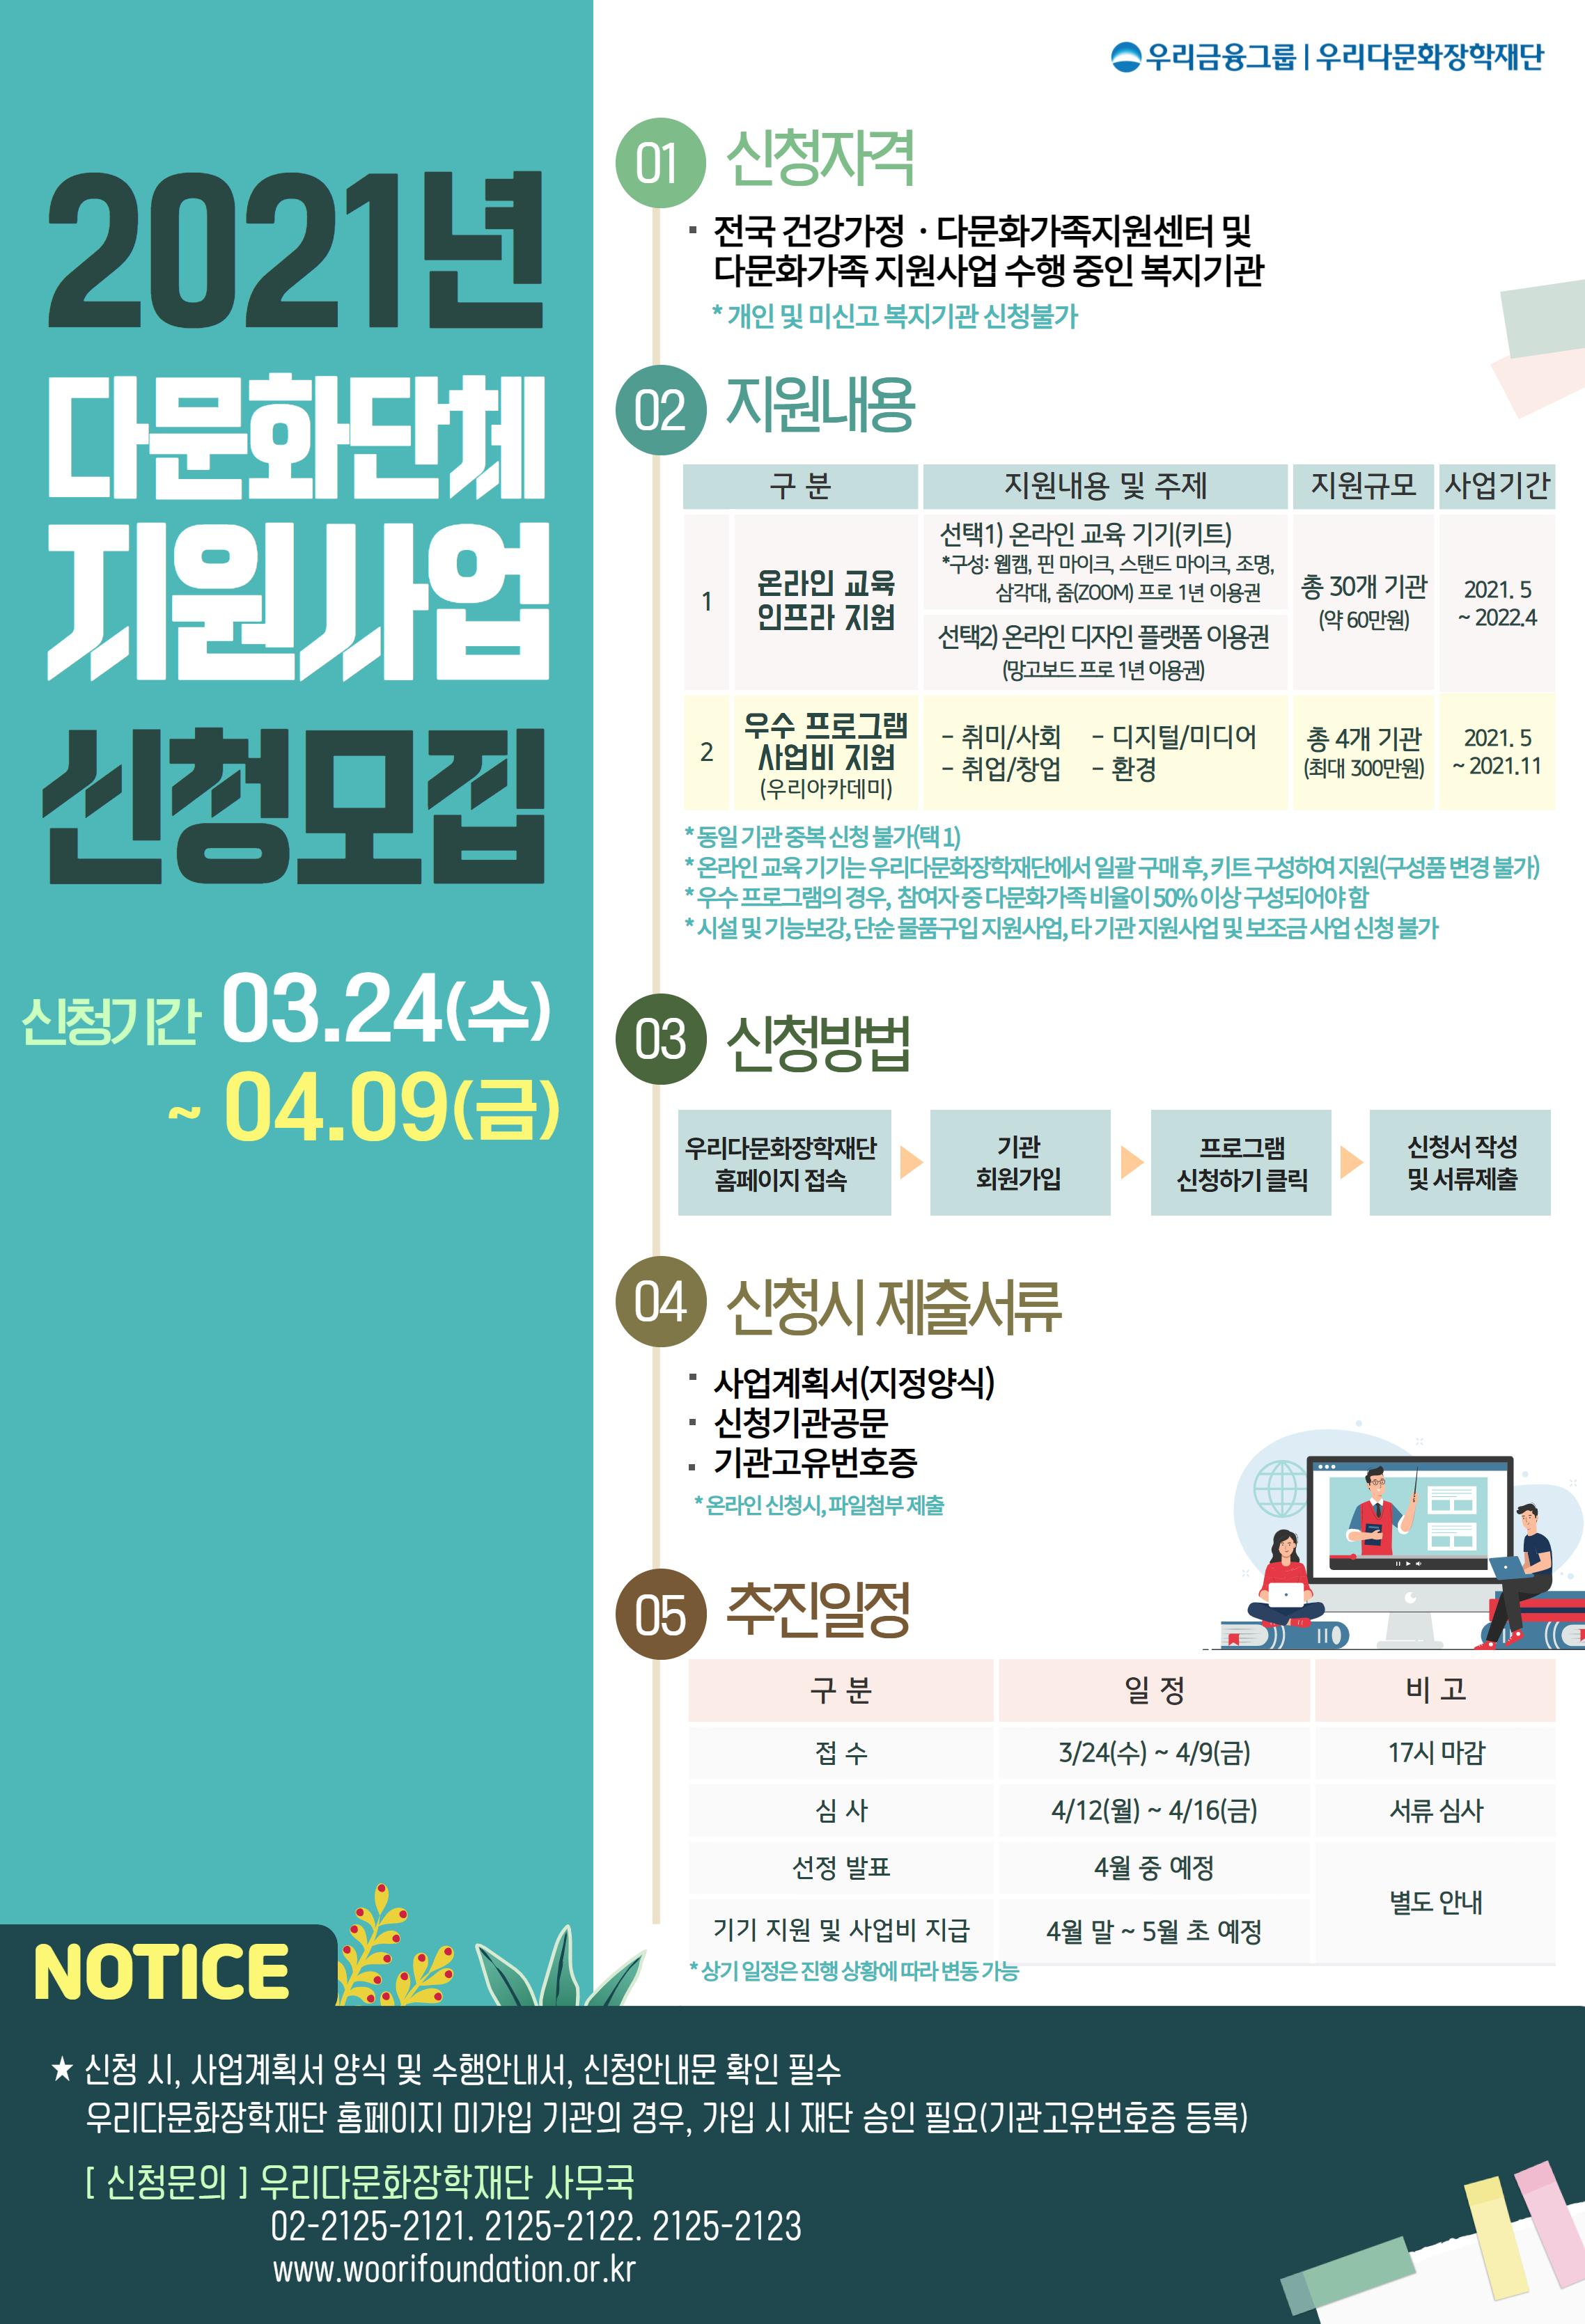 [붙임2] 우리다문화장학재단 '2021년 다문화단체 지원사업' 홍보물.png